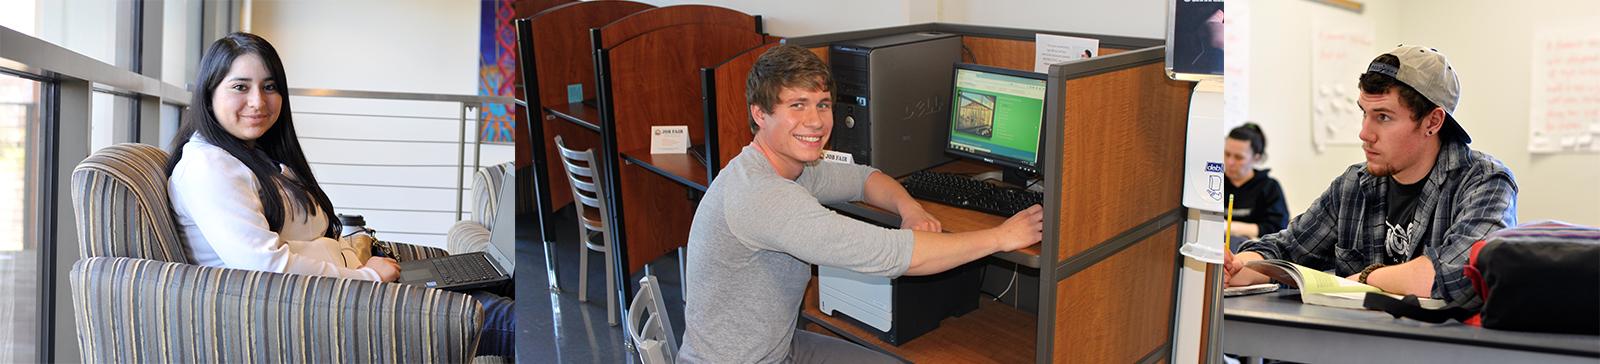 Register for Classes photo